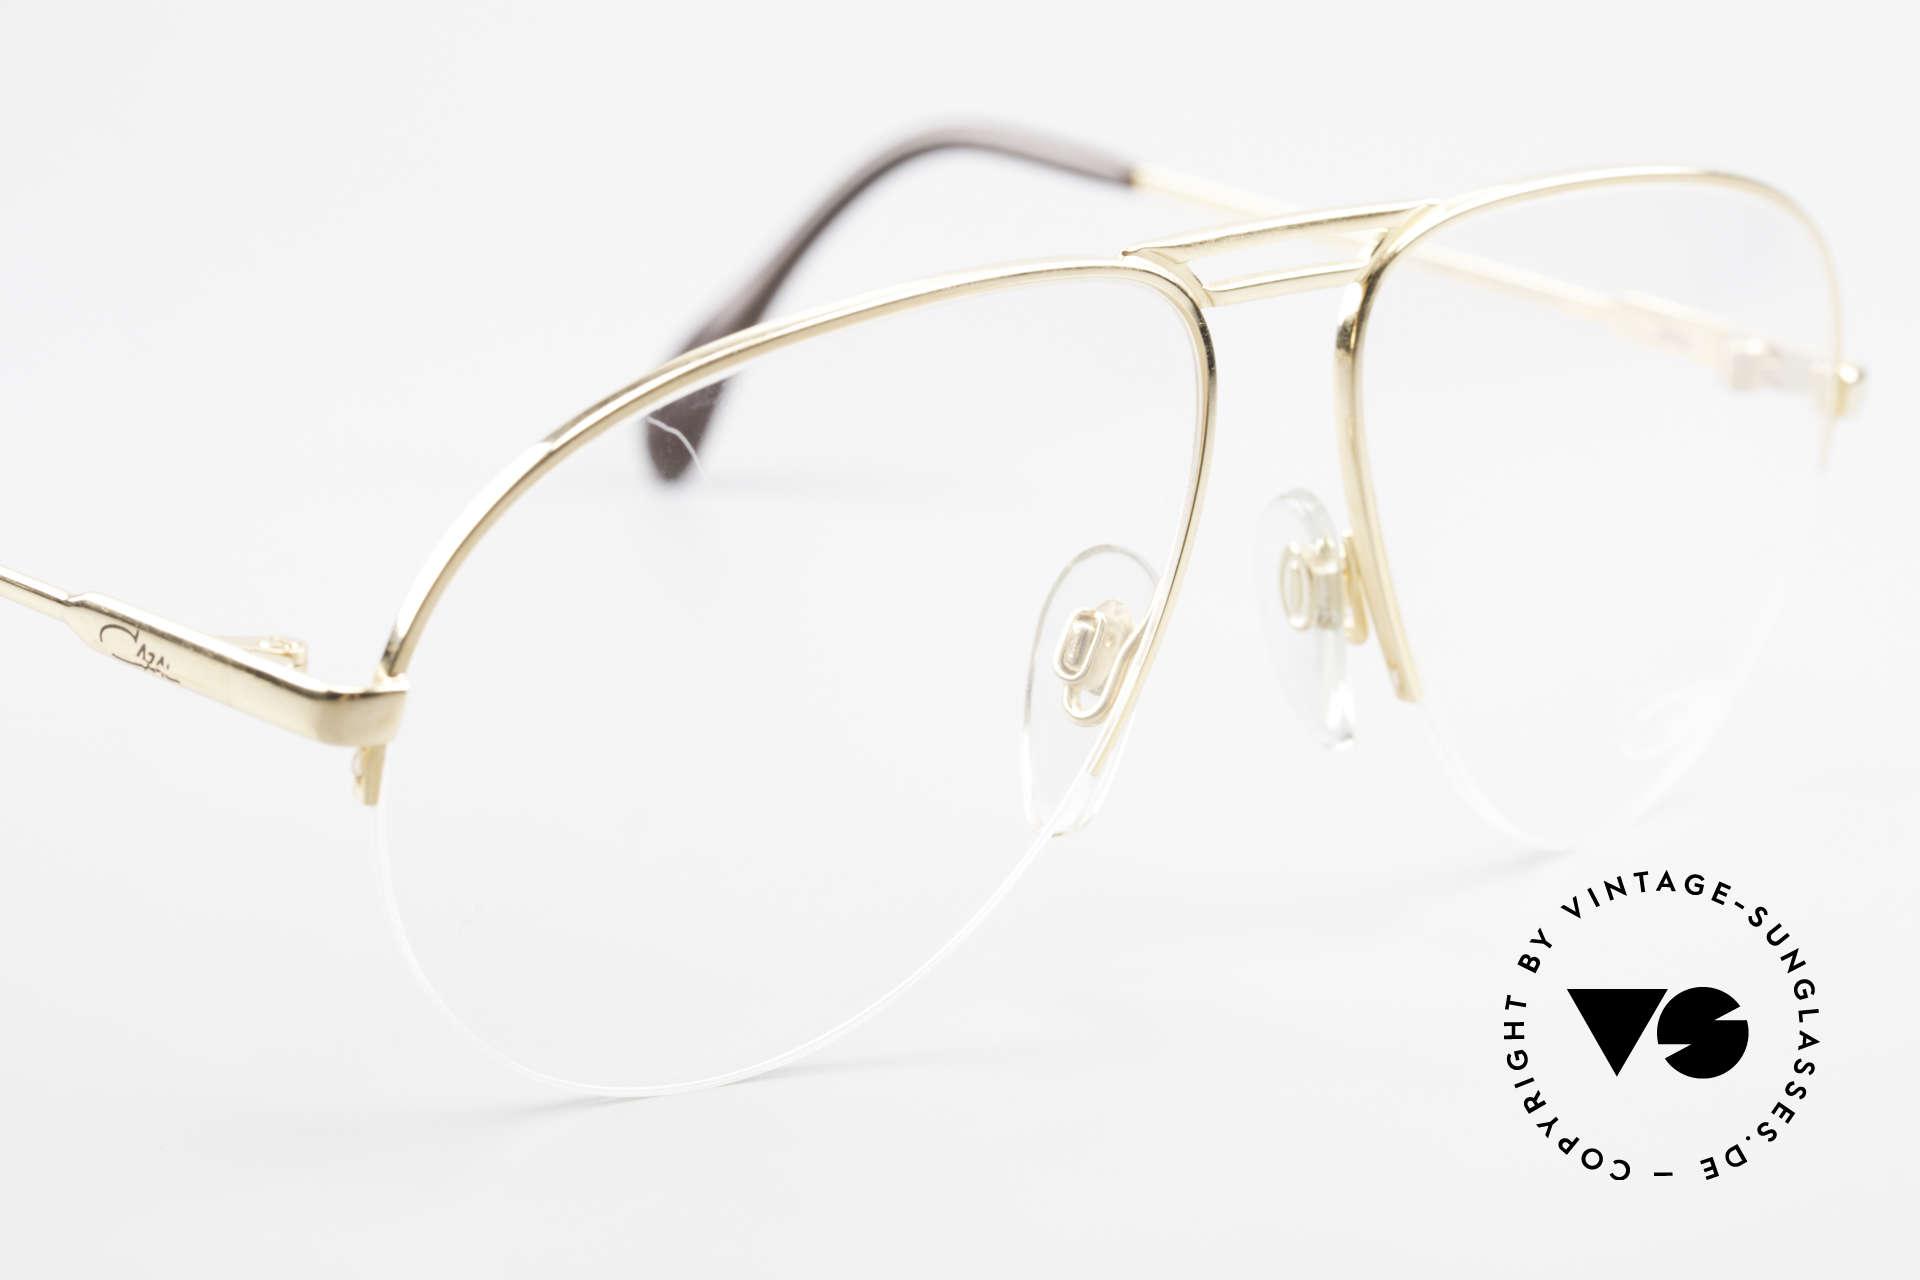 Cazal 726 West Germany Aviator Glasses, NO RETRO, an 80's West Germany ORIGINAL, Made for Men